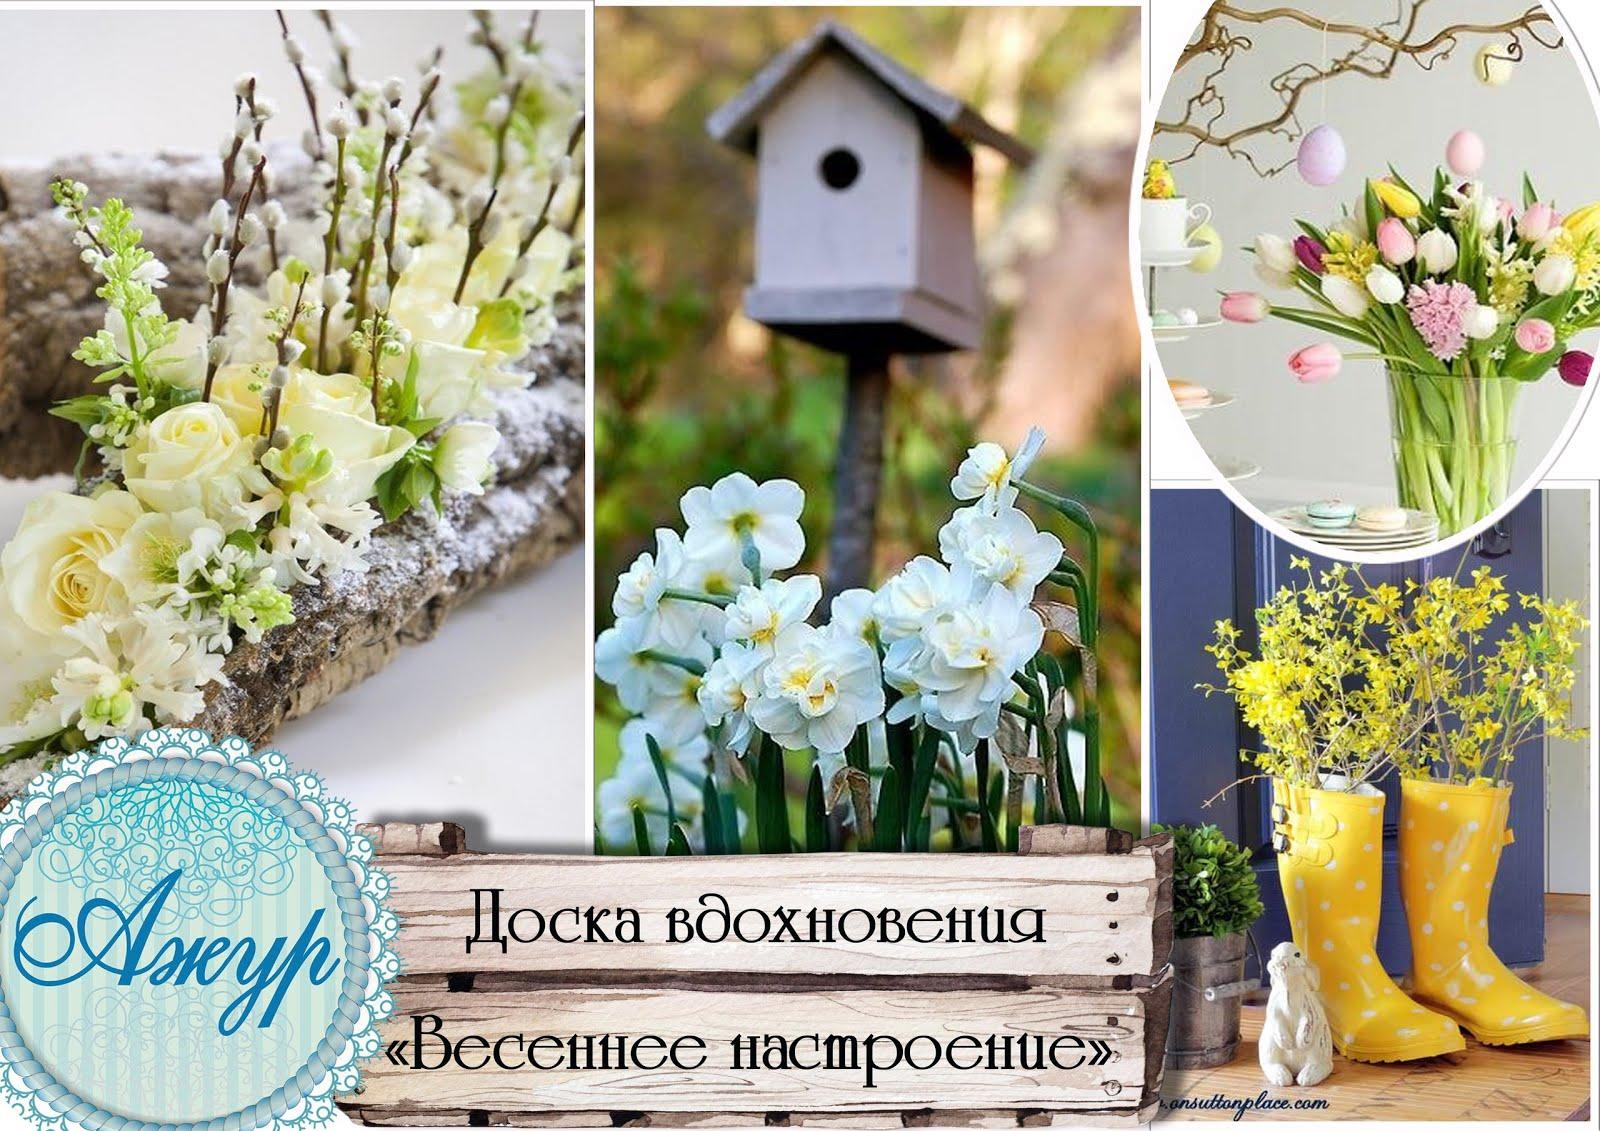 """ДВ """"Весеннее настроение"""" до 05.05"""